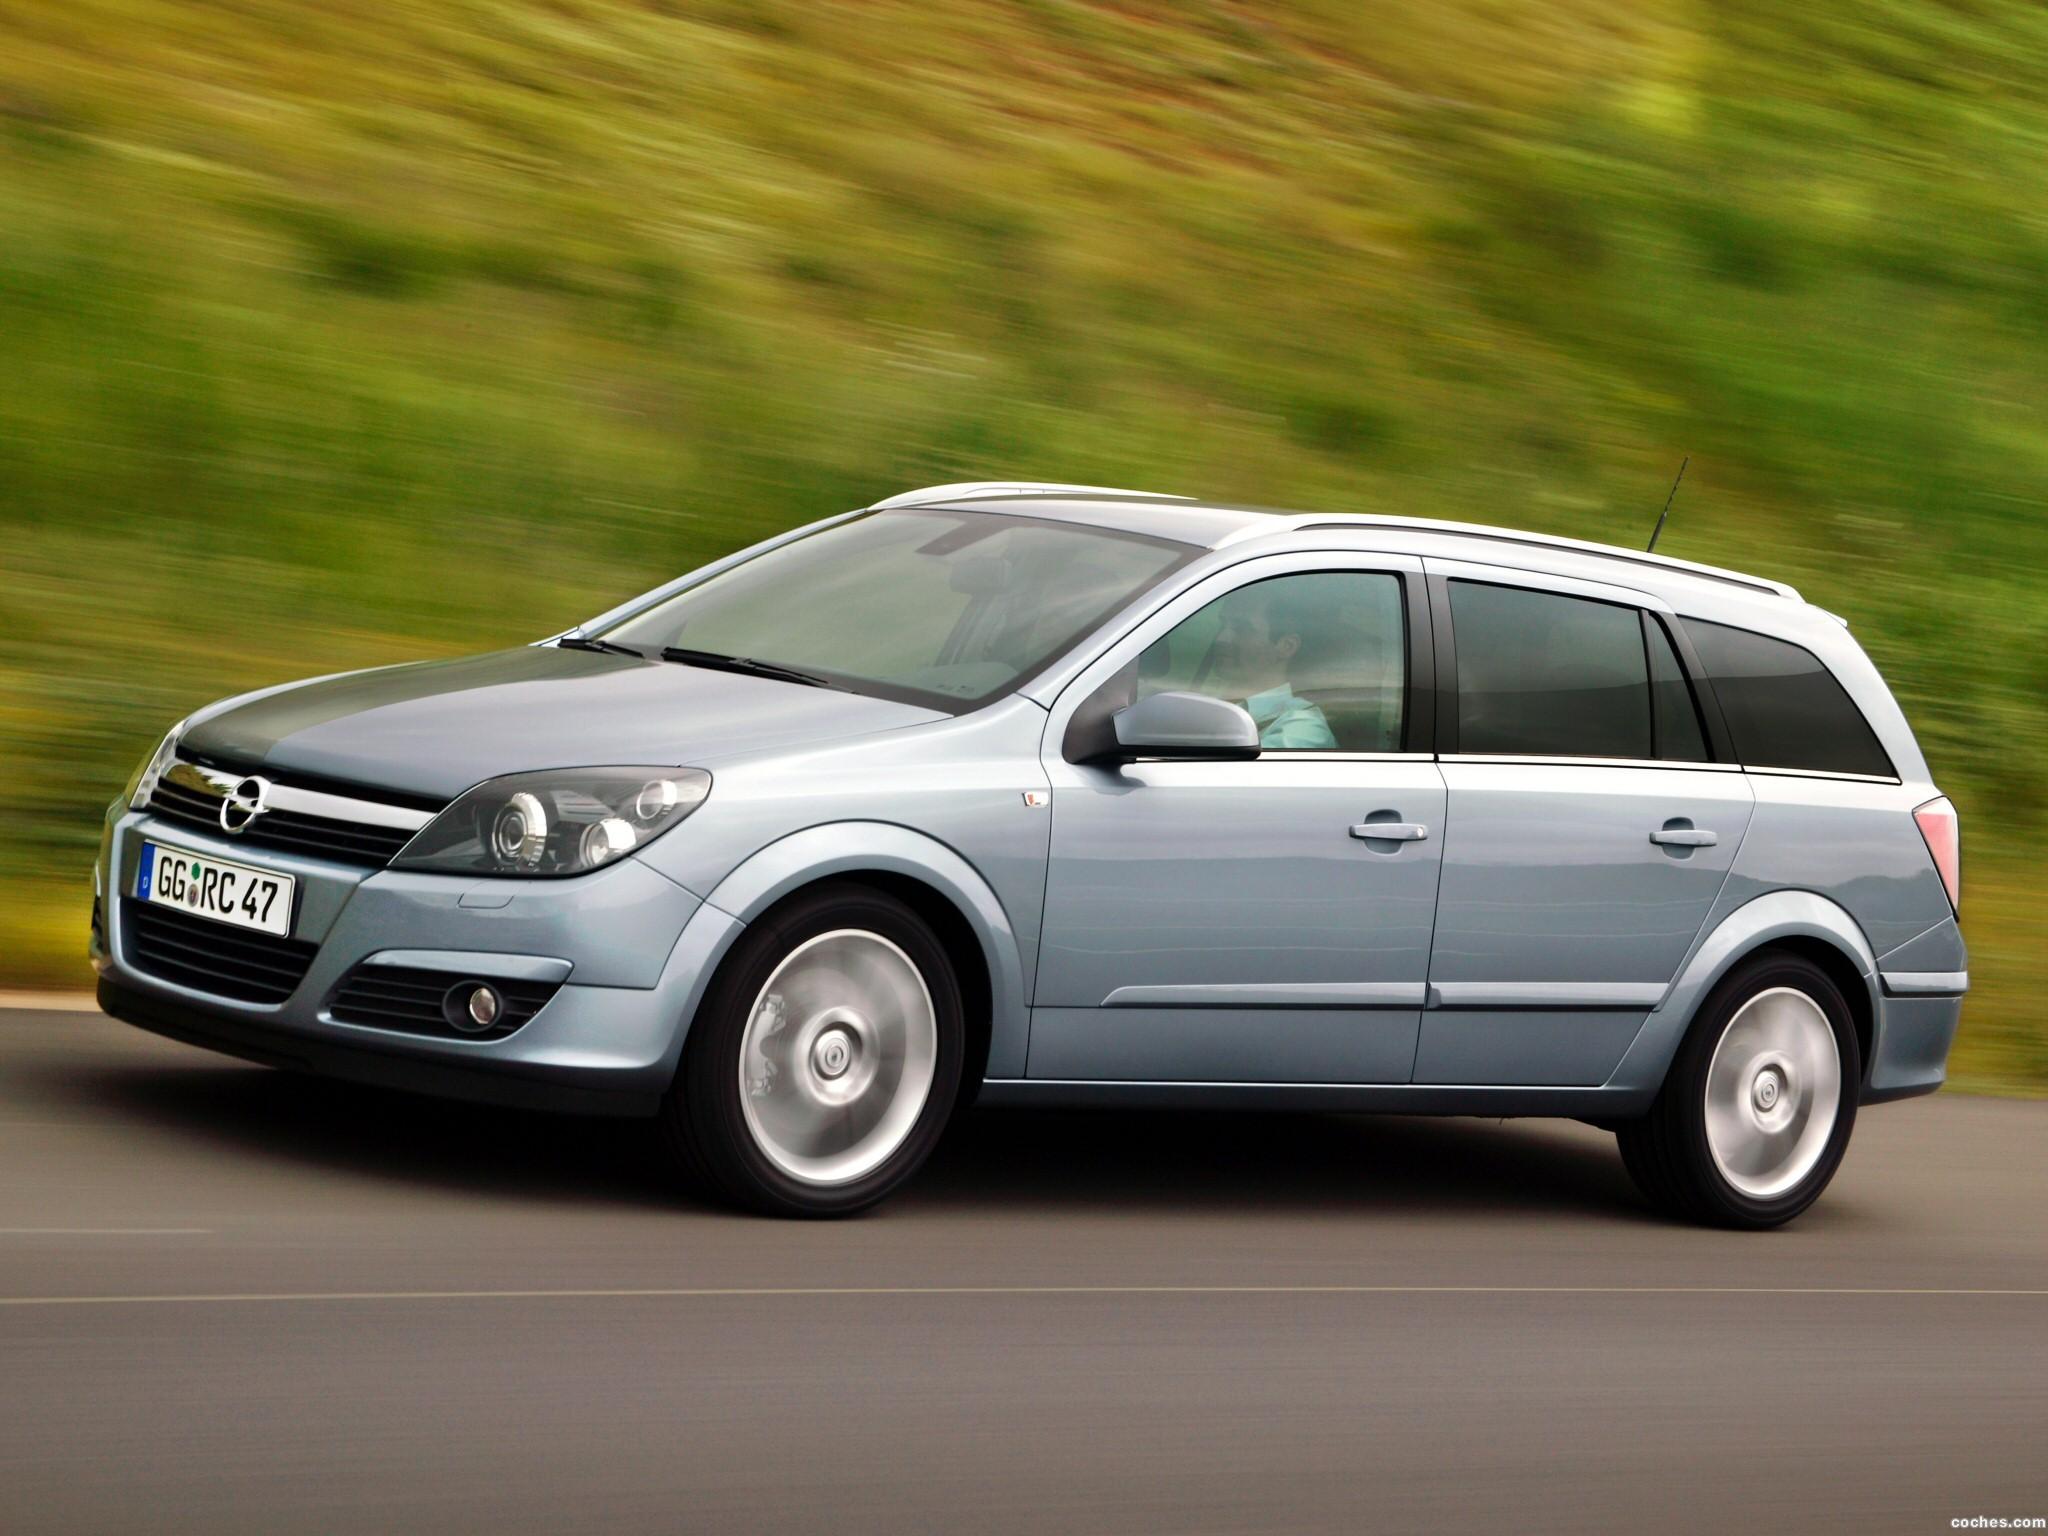 Foto 0 de Opel Astra Combi H 2004